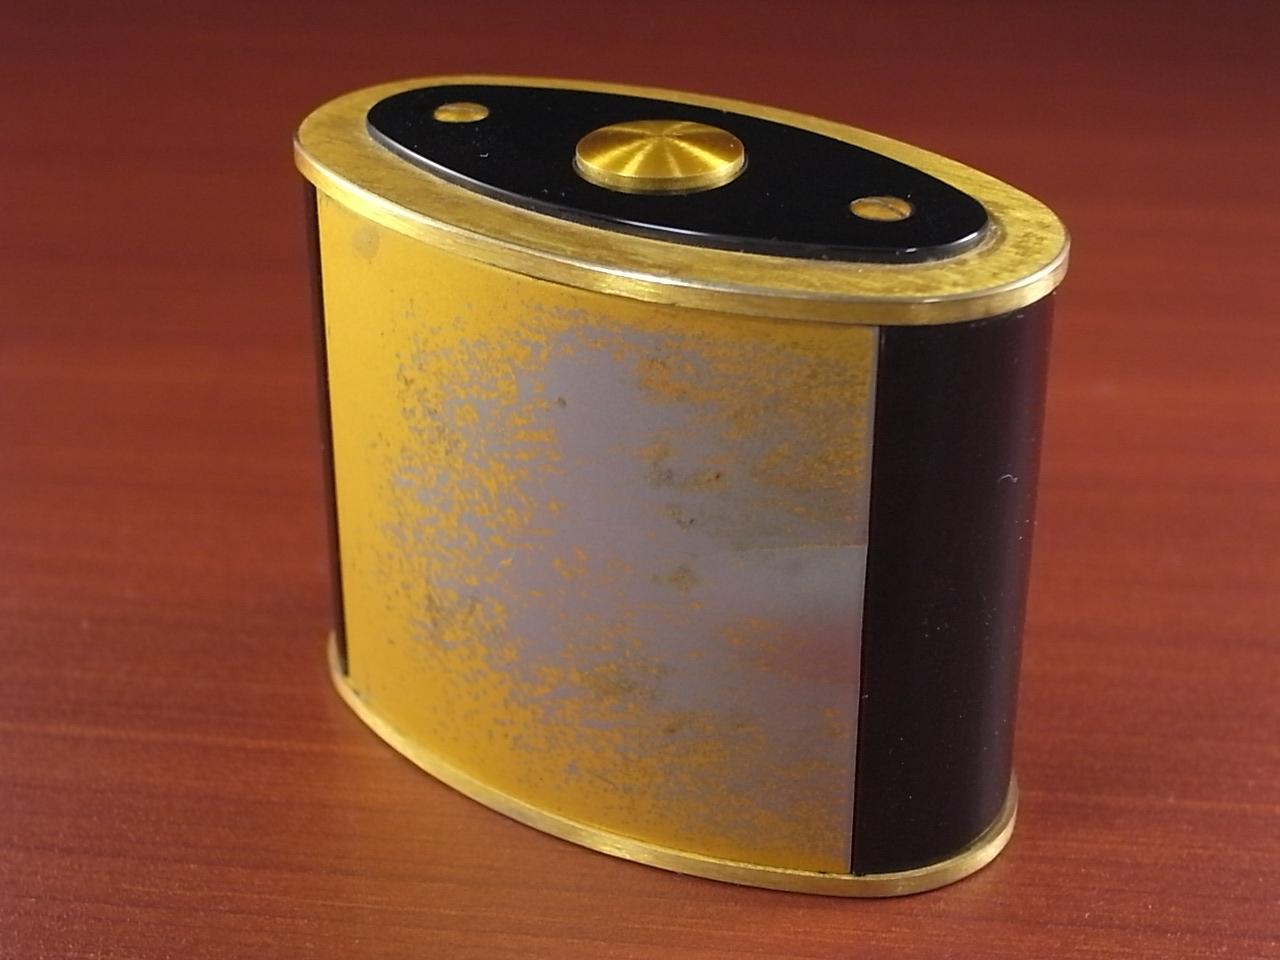 ジャガー アラームクロック 8DAYS 箱付 1960年代の写真4枚目